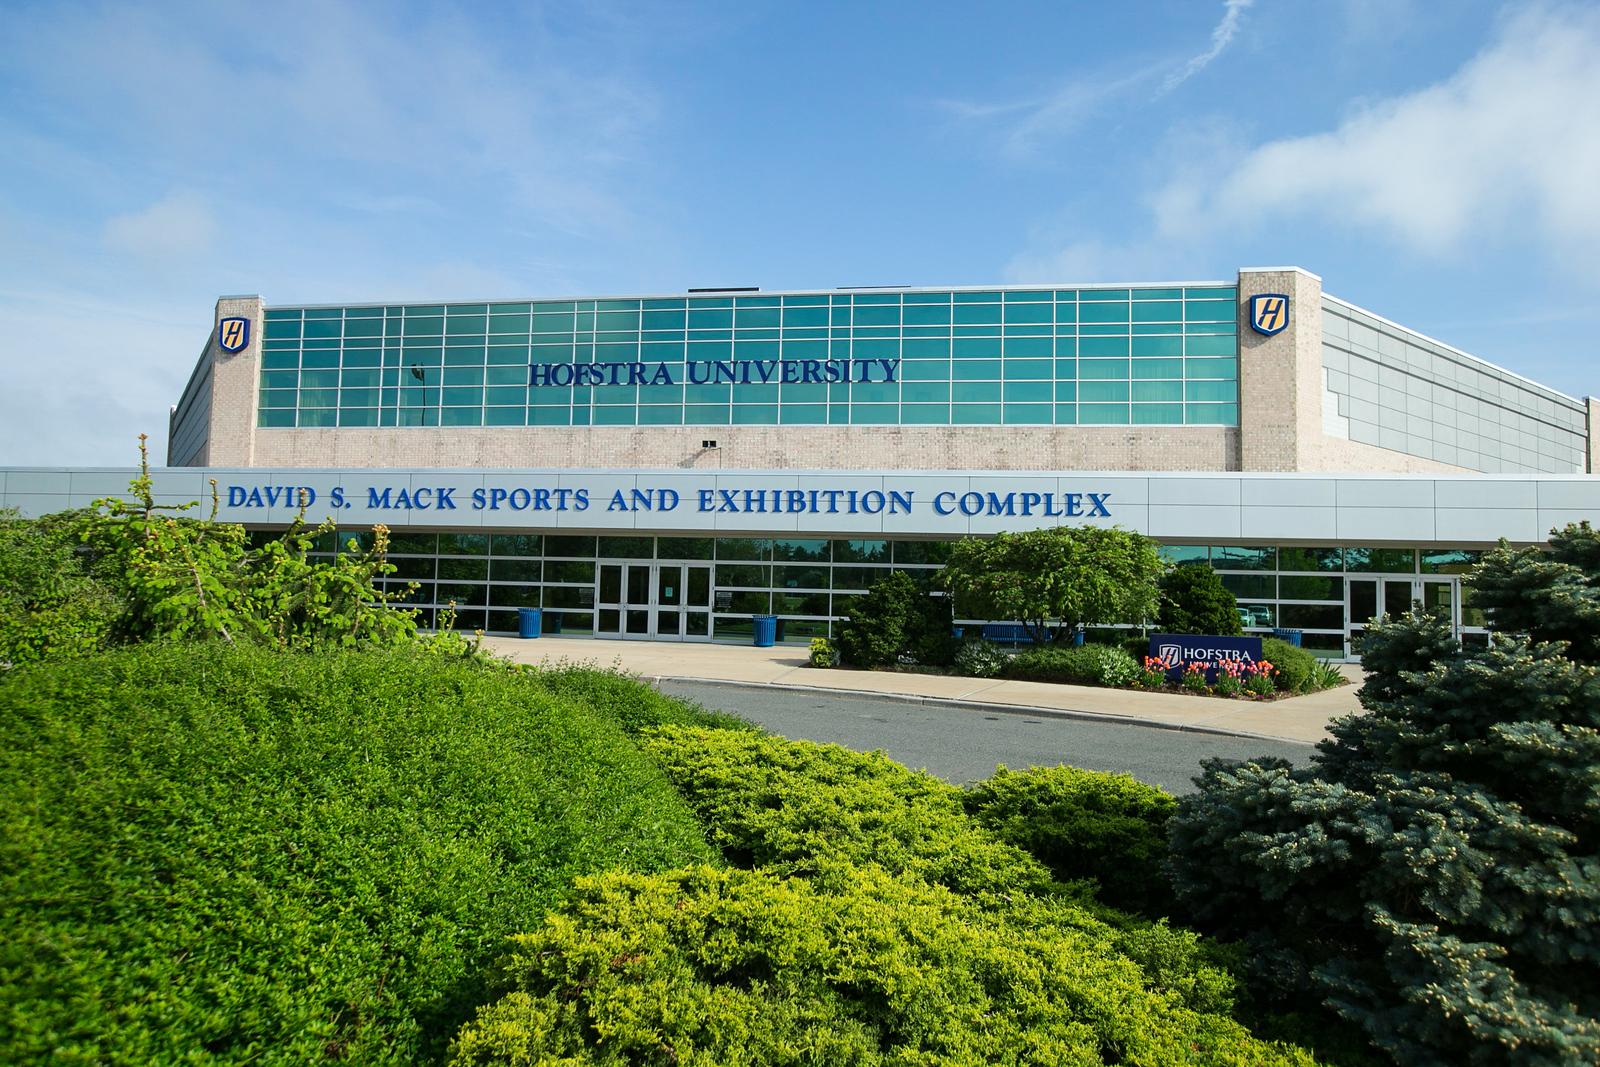 David S. Mack Sports Complex